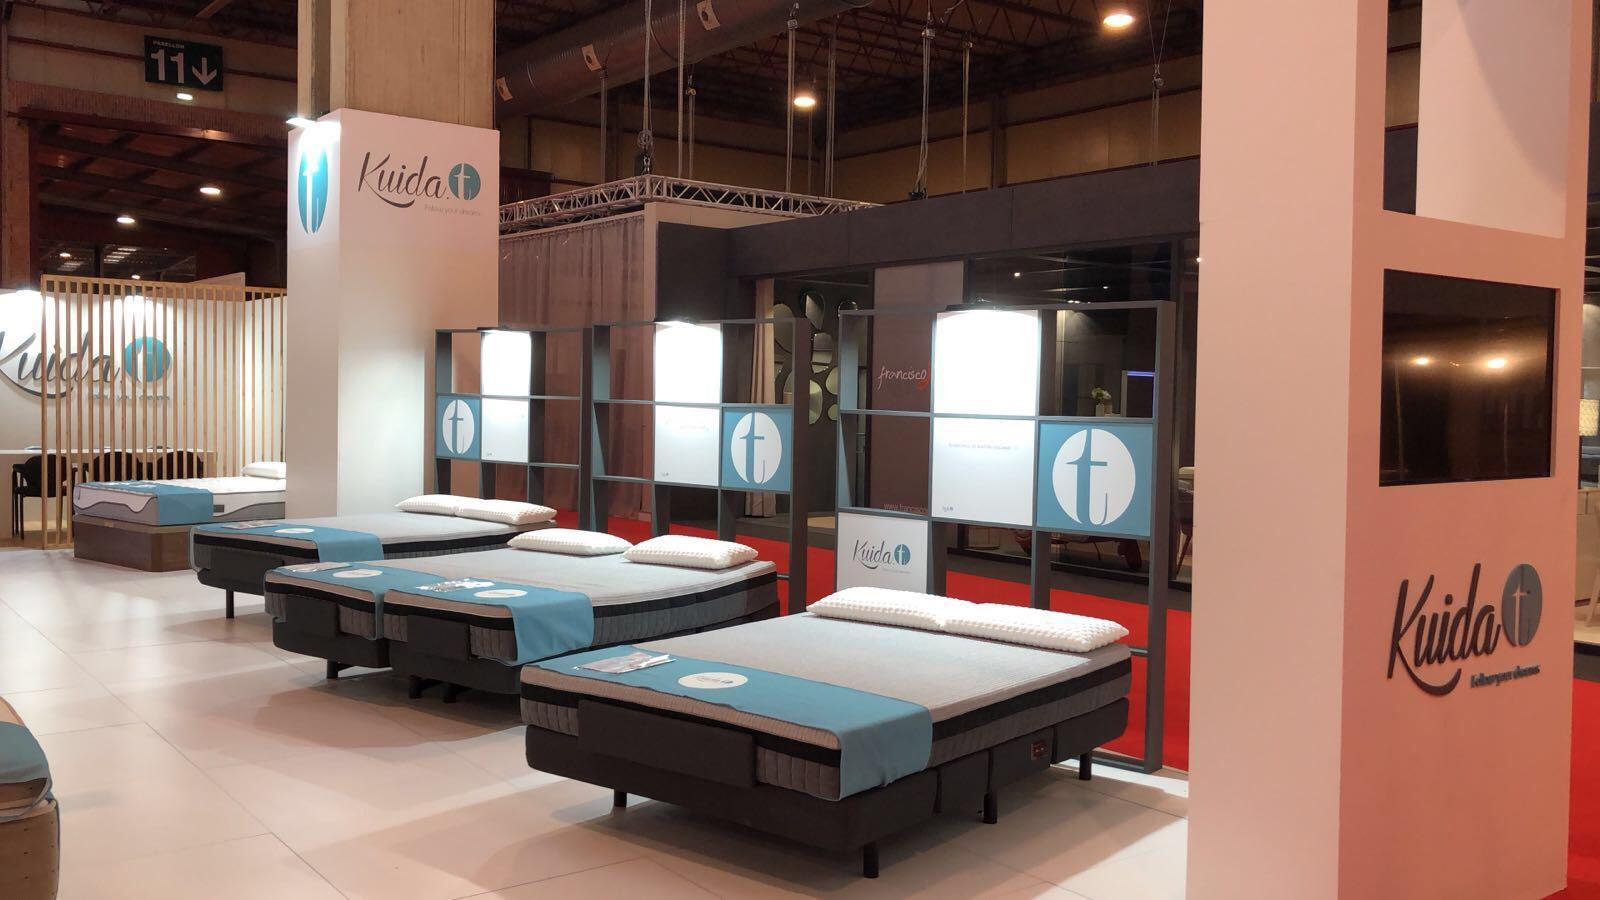 Comprar Muebles En Zaragoza Cheap Compromiso With Comprar Muebles  # Muebles Zb Zaragoza